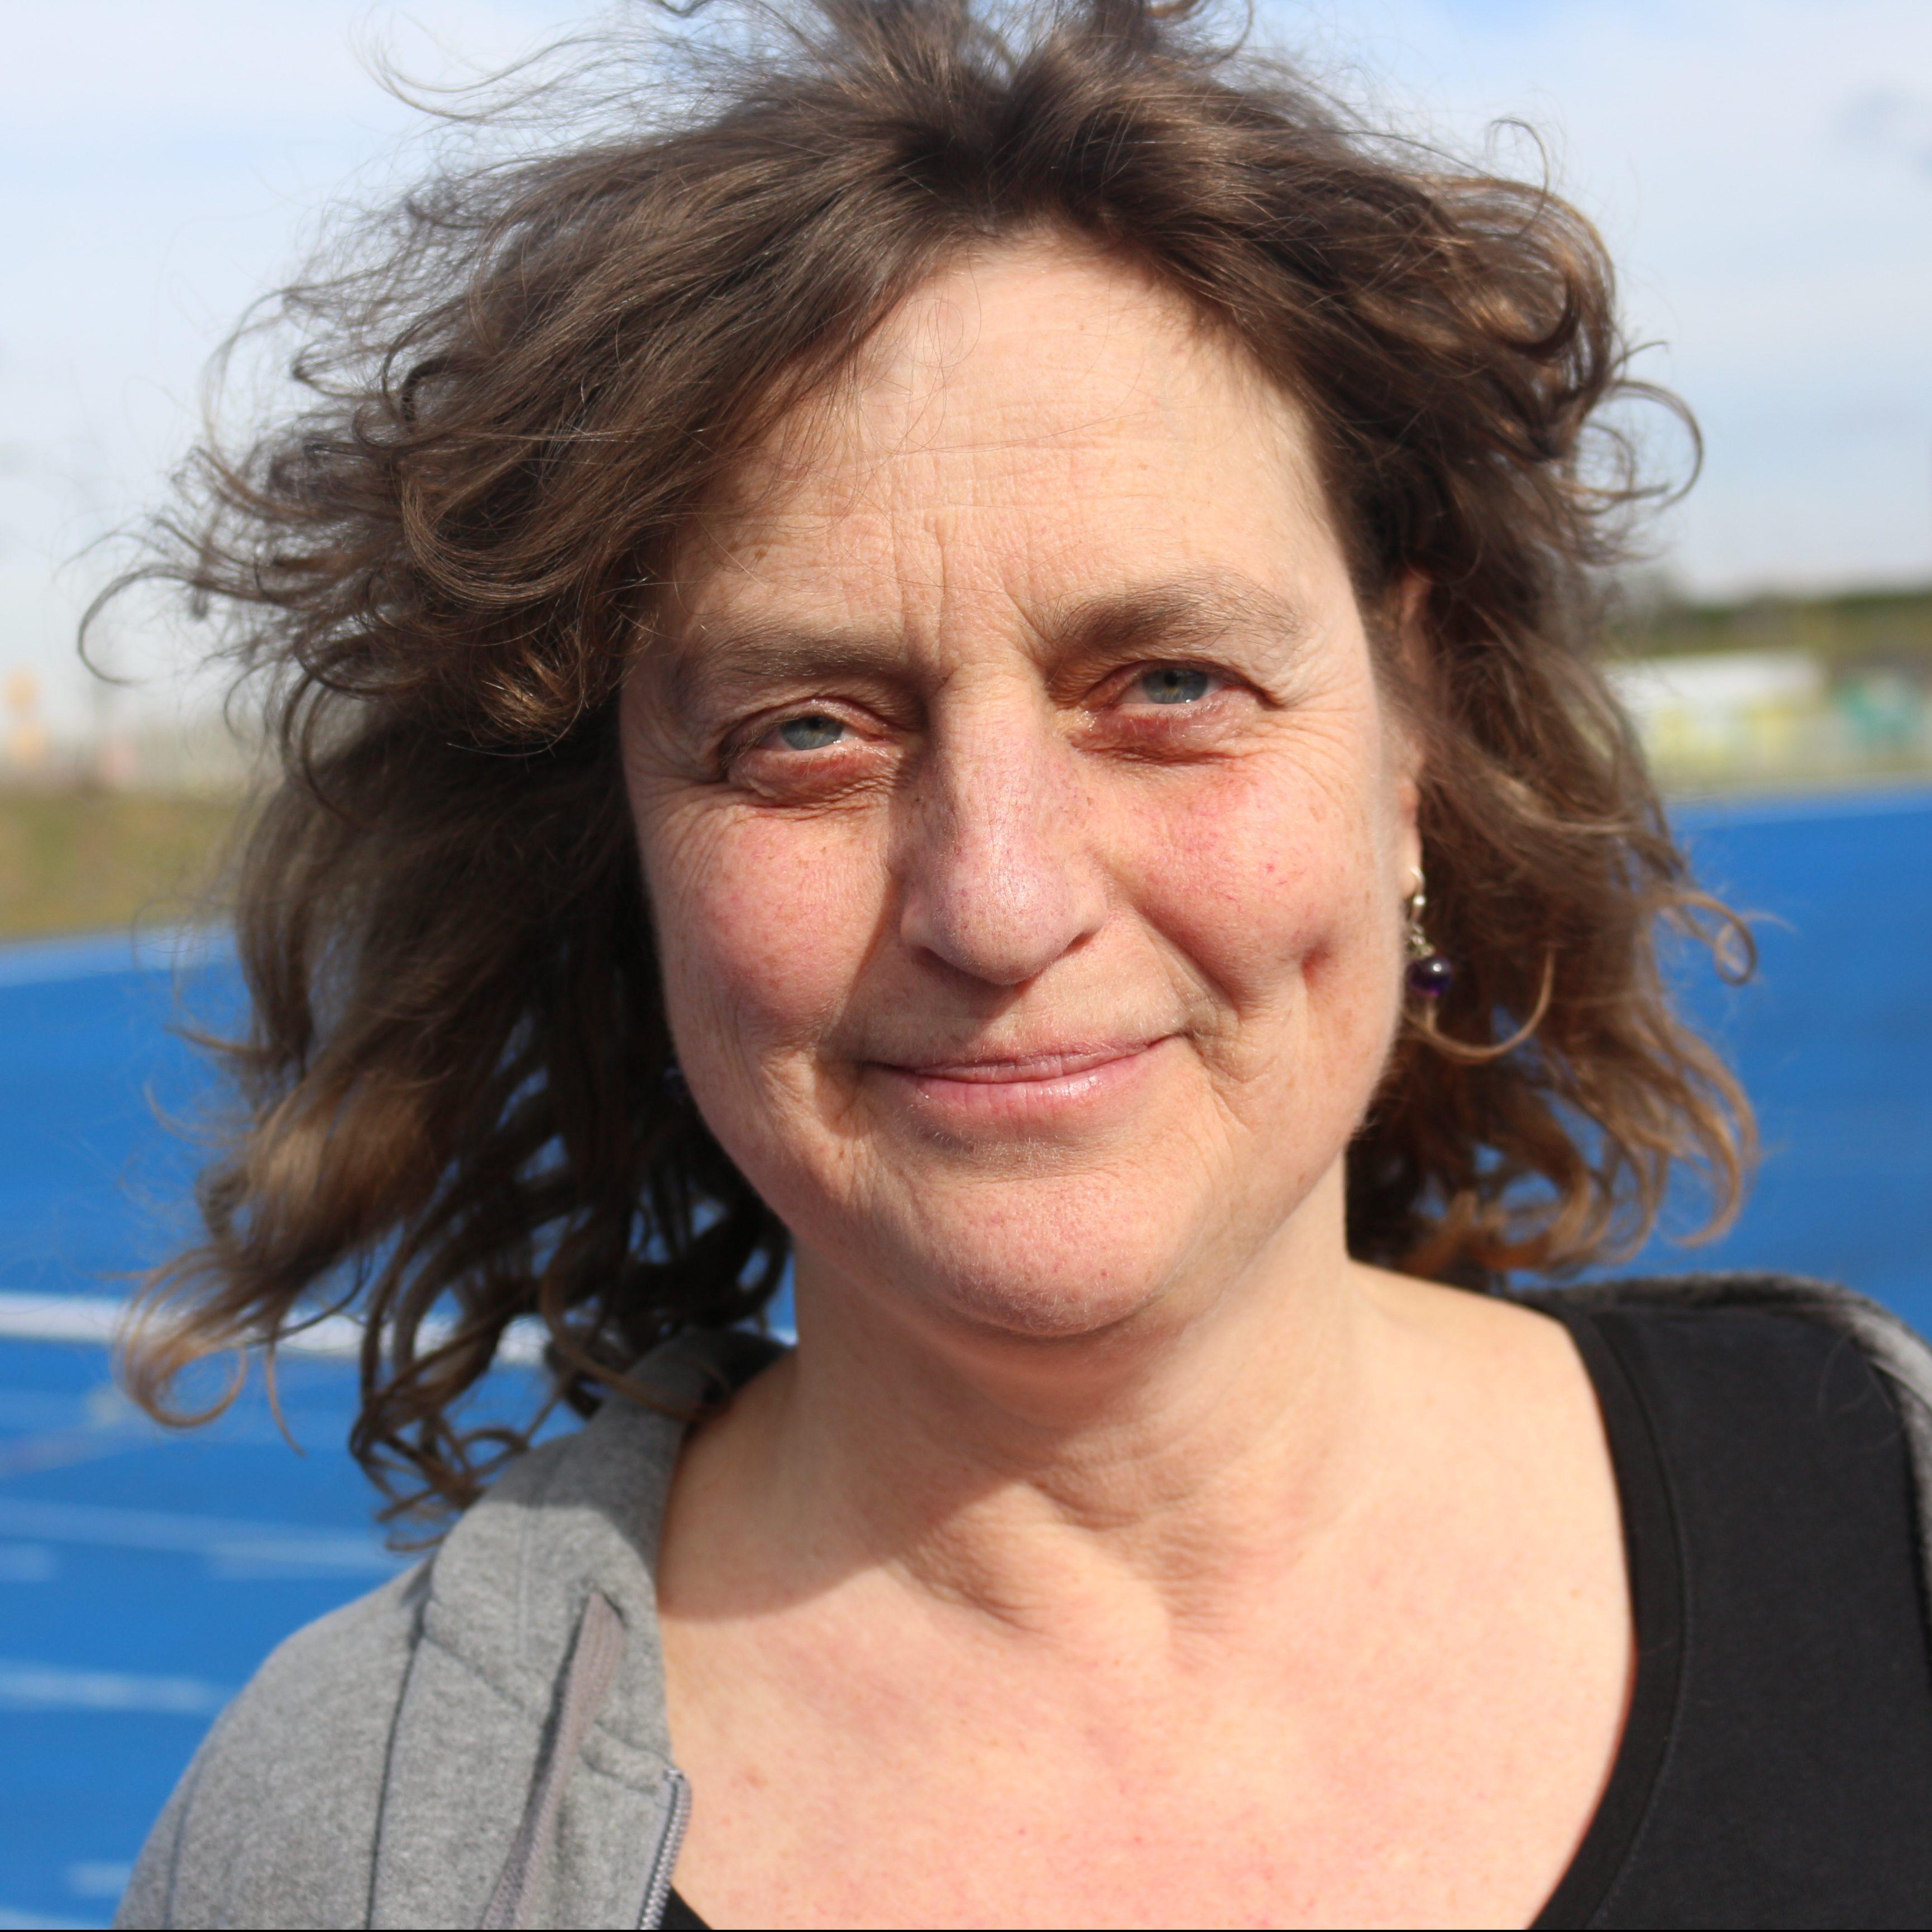 Annemarie Wijnmaalen